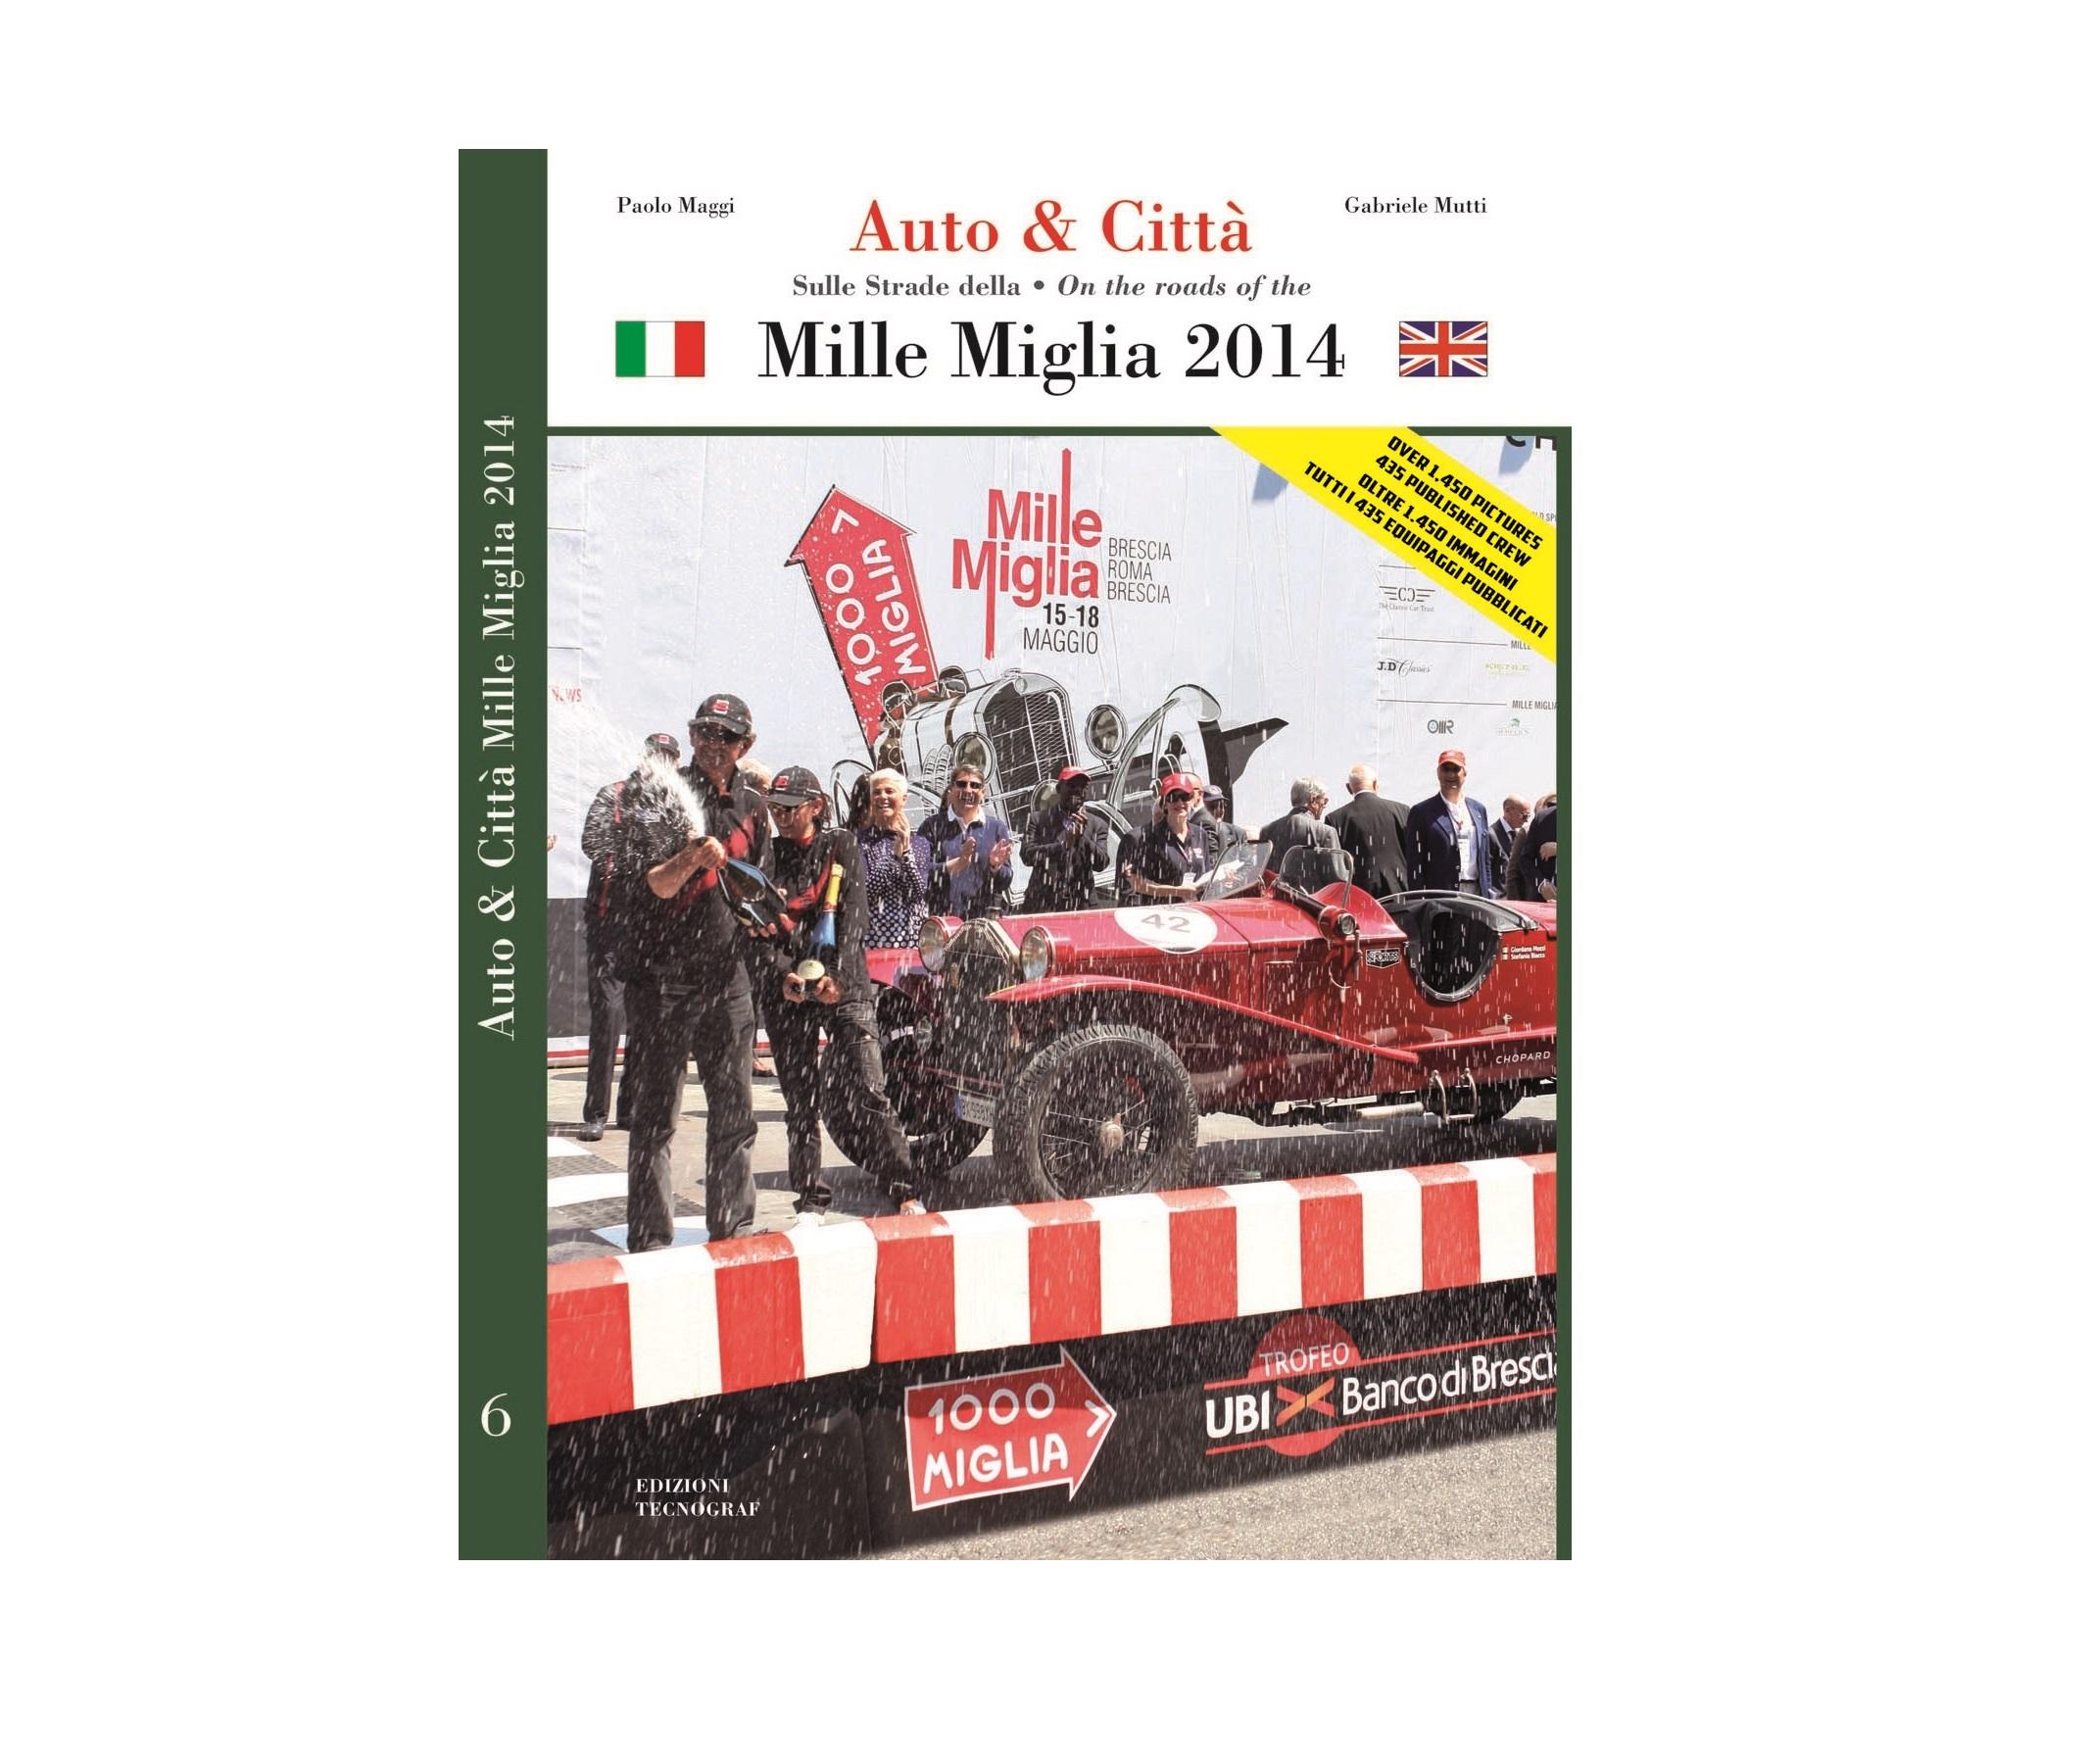 Mille Miglia 2014: speciale per voi lettori!